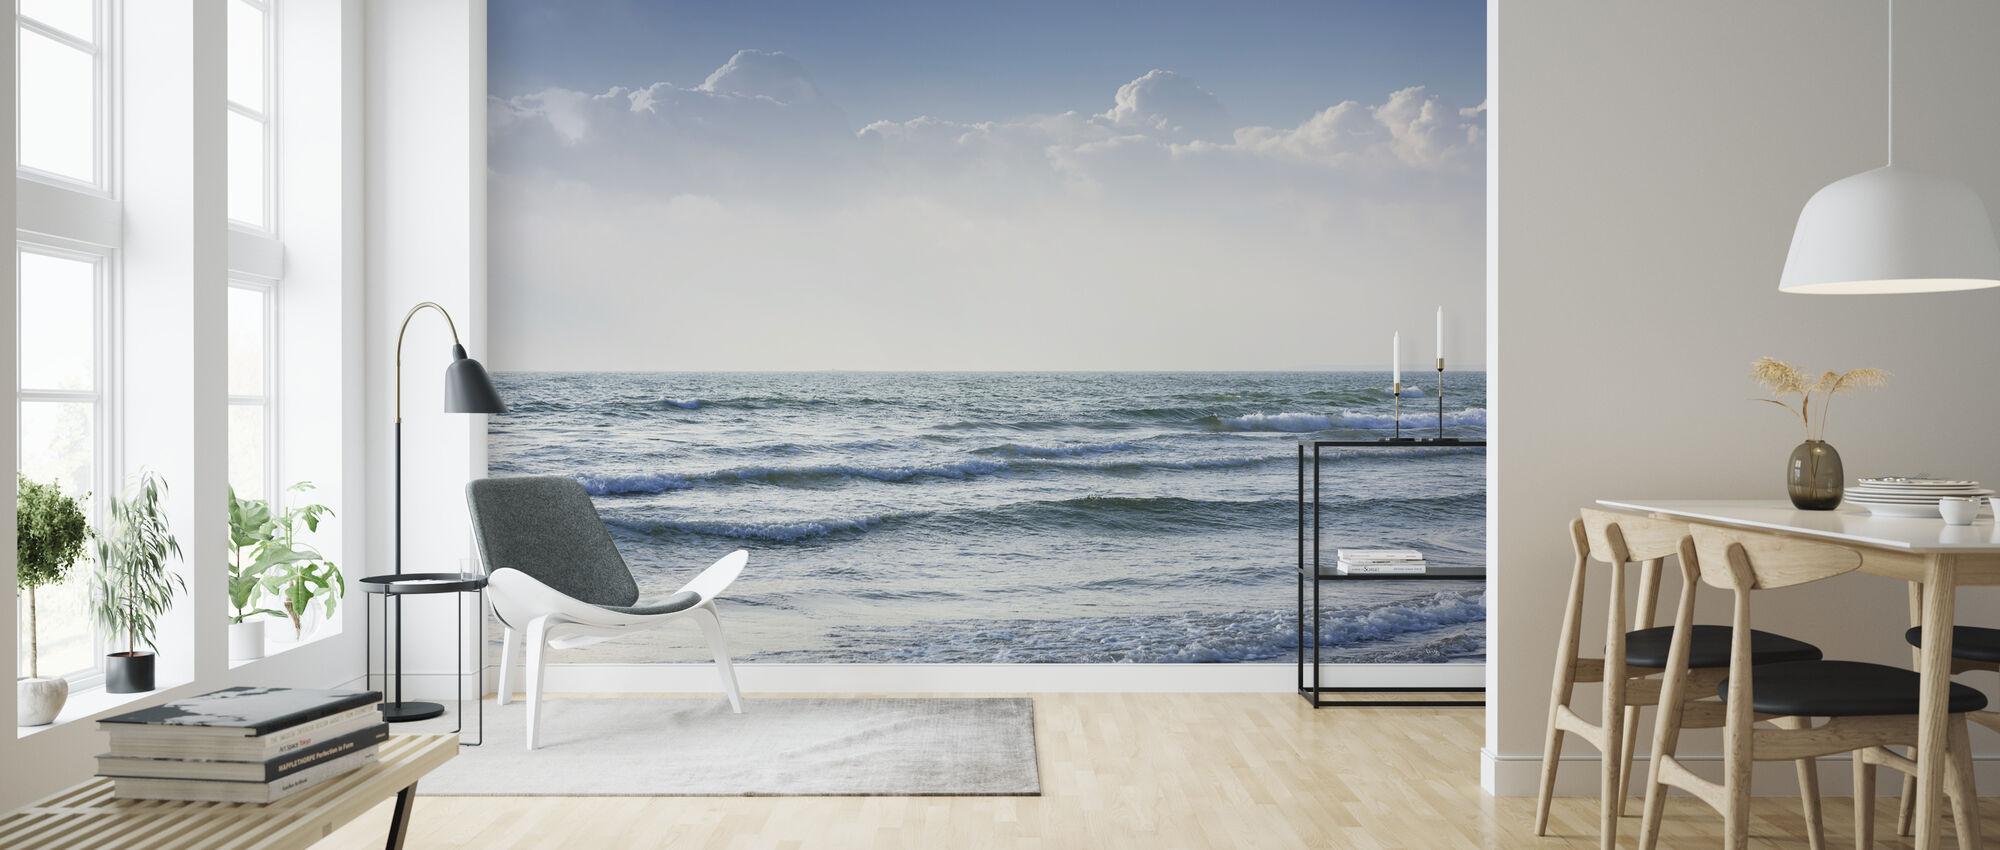 Oceaangolven - Behang - Woonkamer